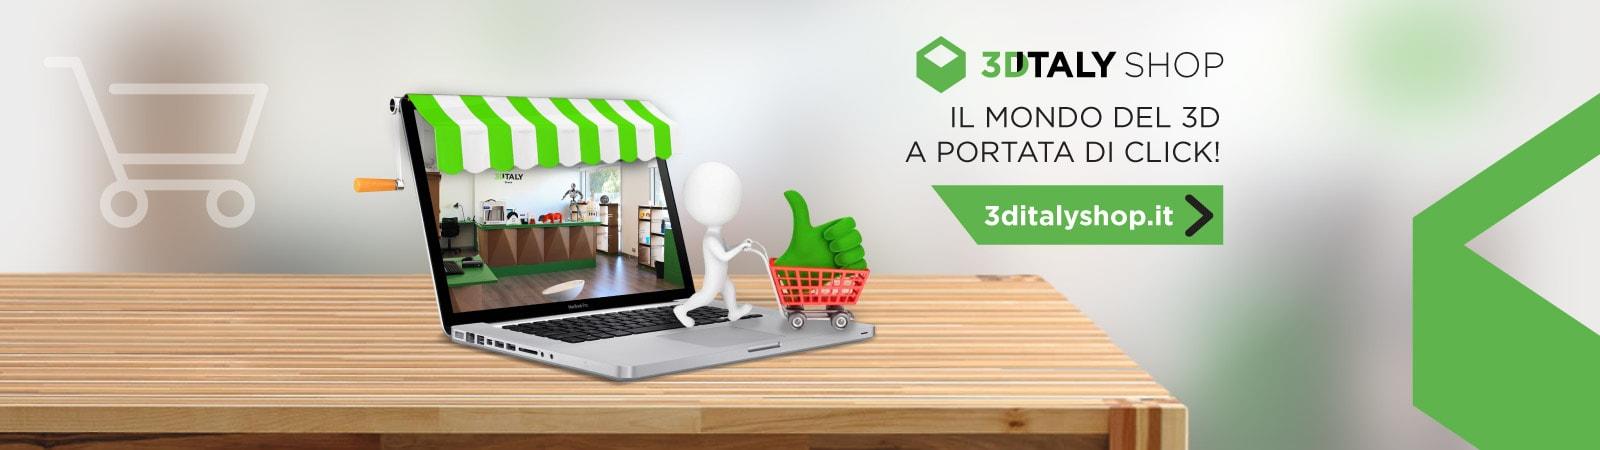 3ditaly il primo 3d printing store in italia stampanti 3d vendita filamenti - 3d printer italia ...